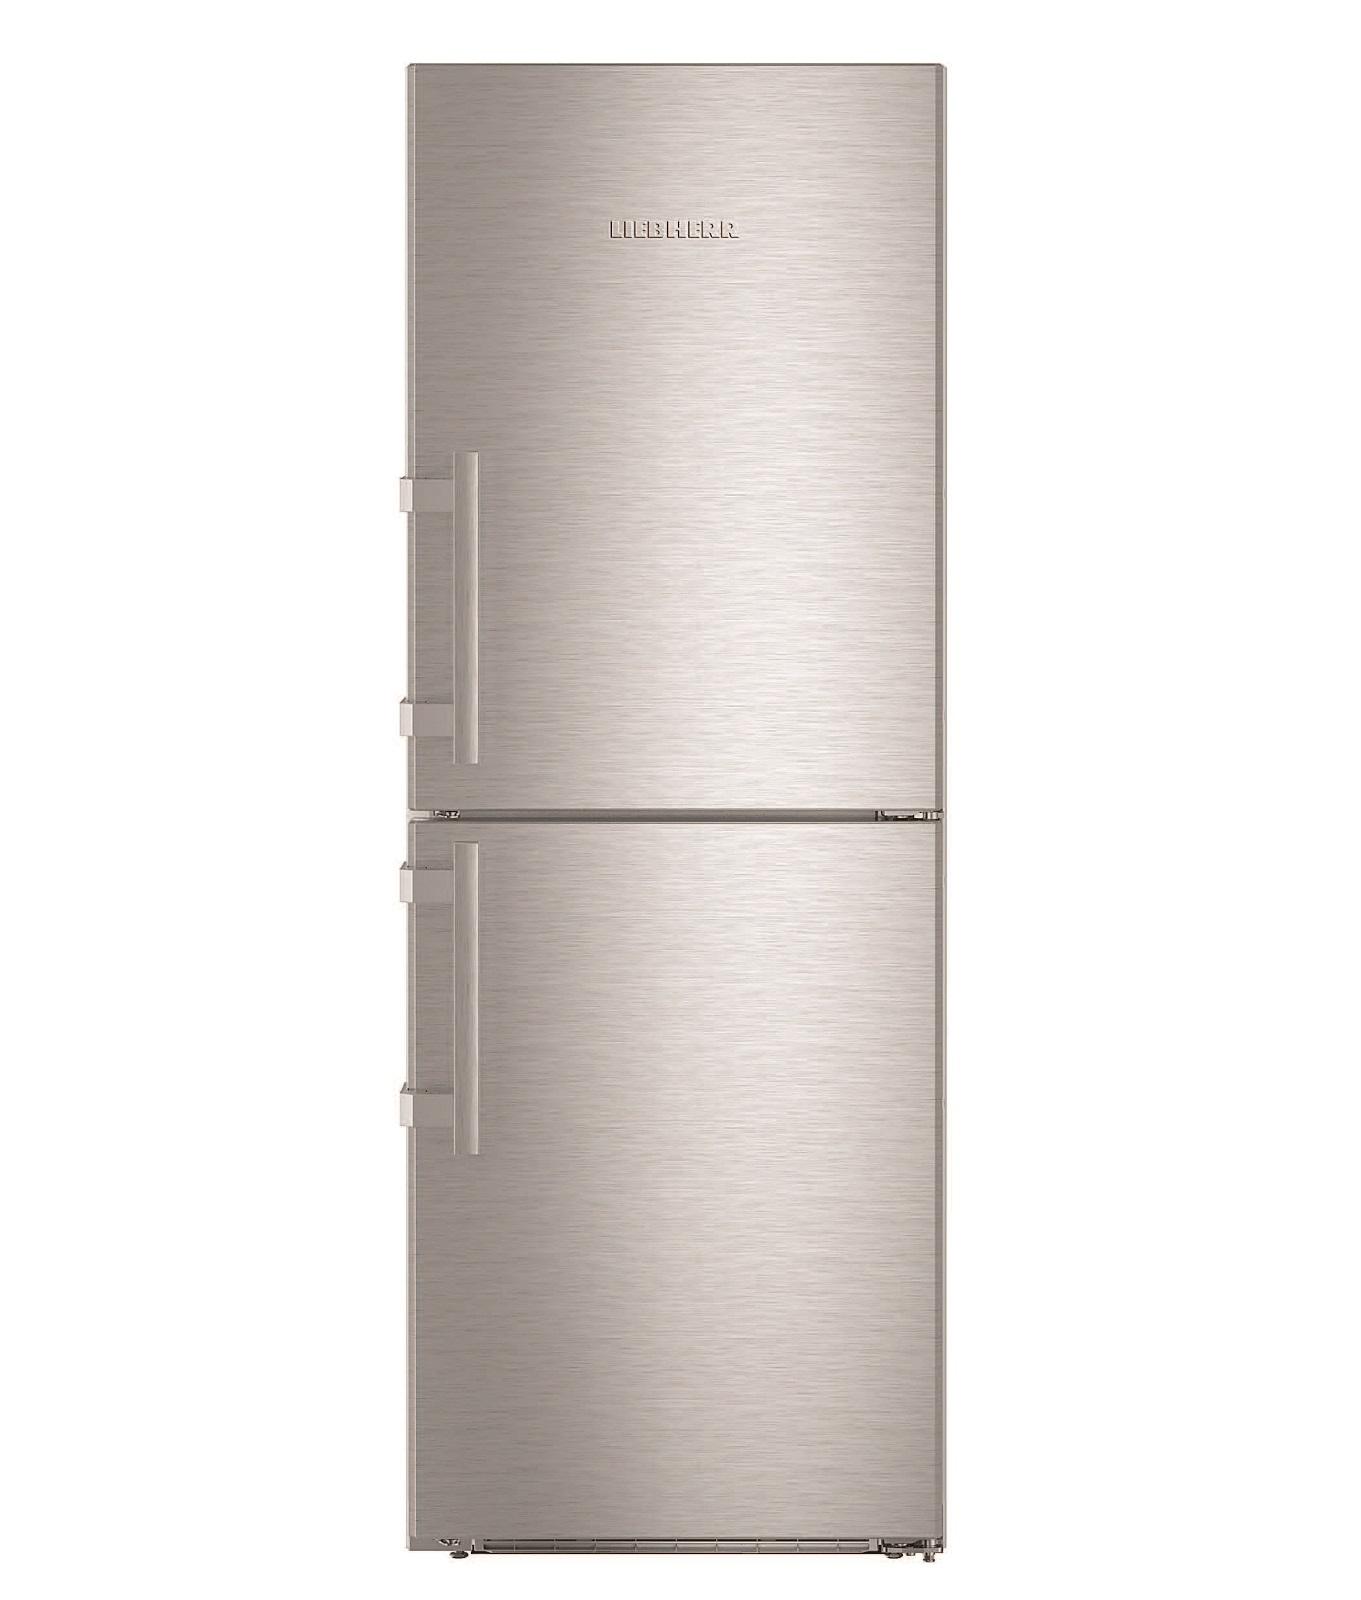 купить Двухкамерный холодильник Liebherr CNef 3735 Украина фото 6